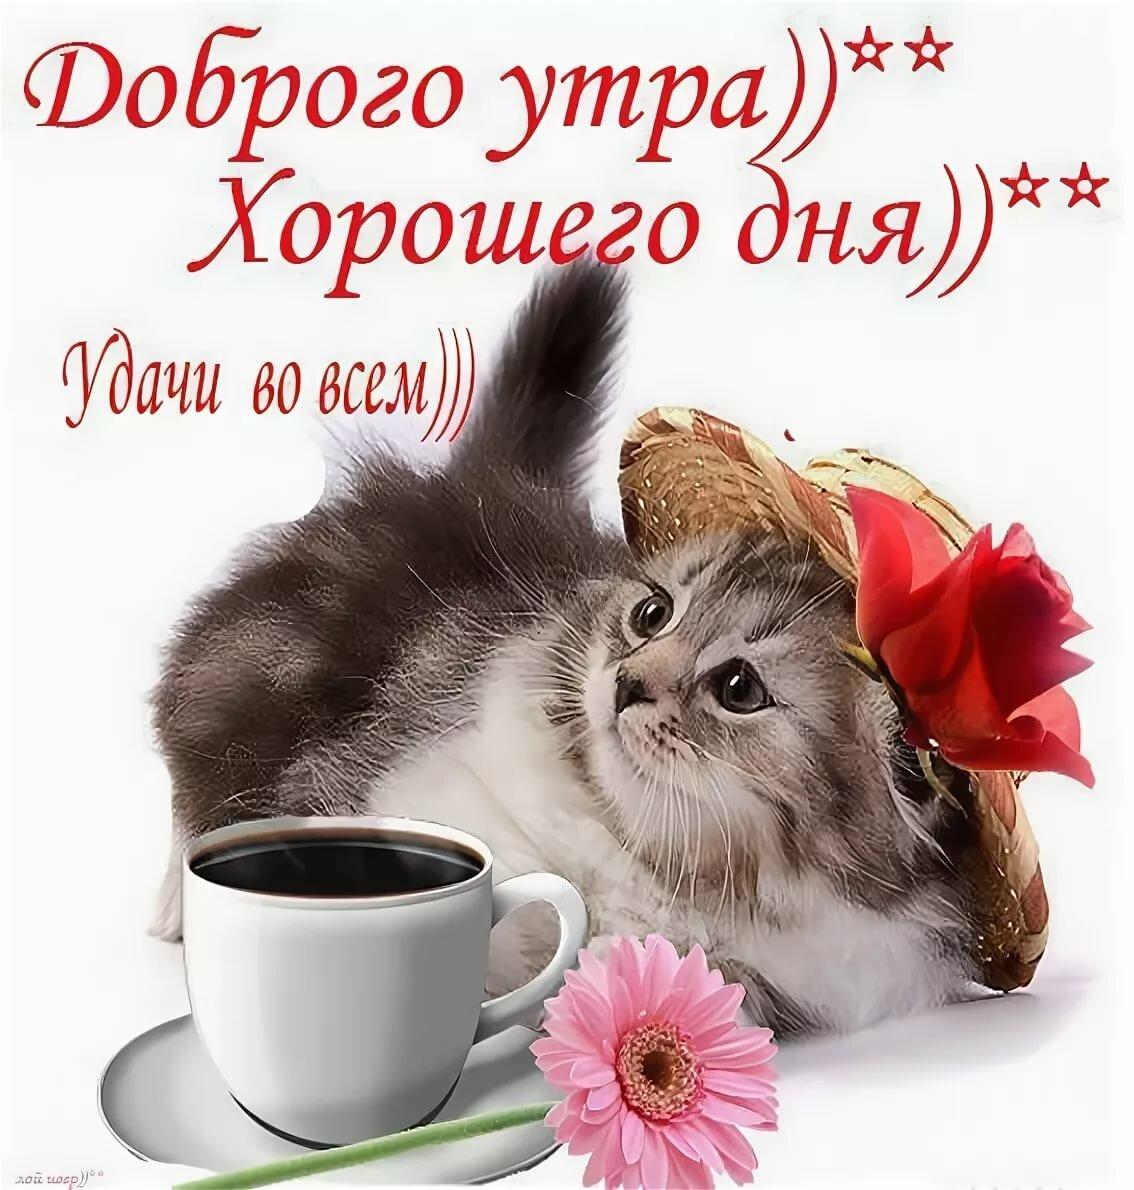 Мира надписями, открытки с котятами и пожеланиями доброго утра и хорошего дня